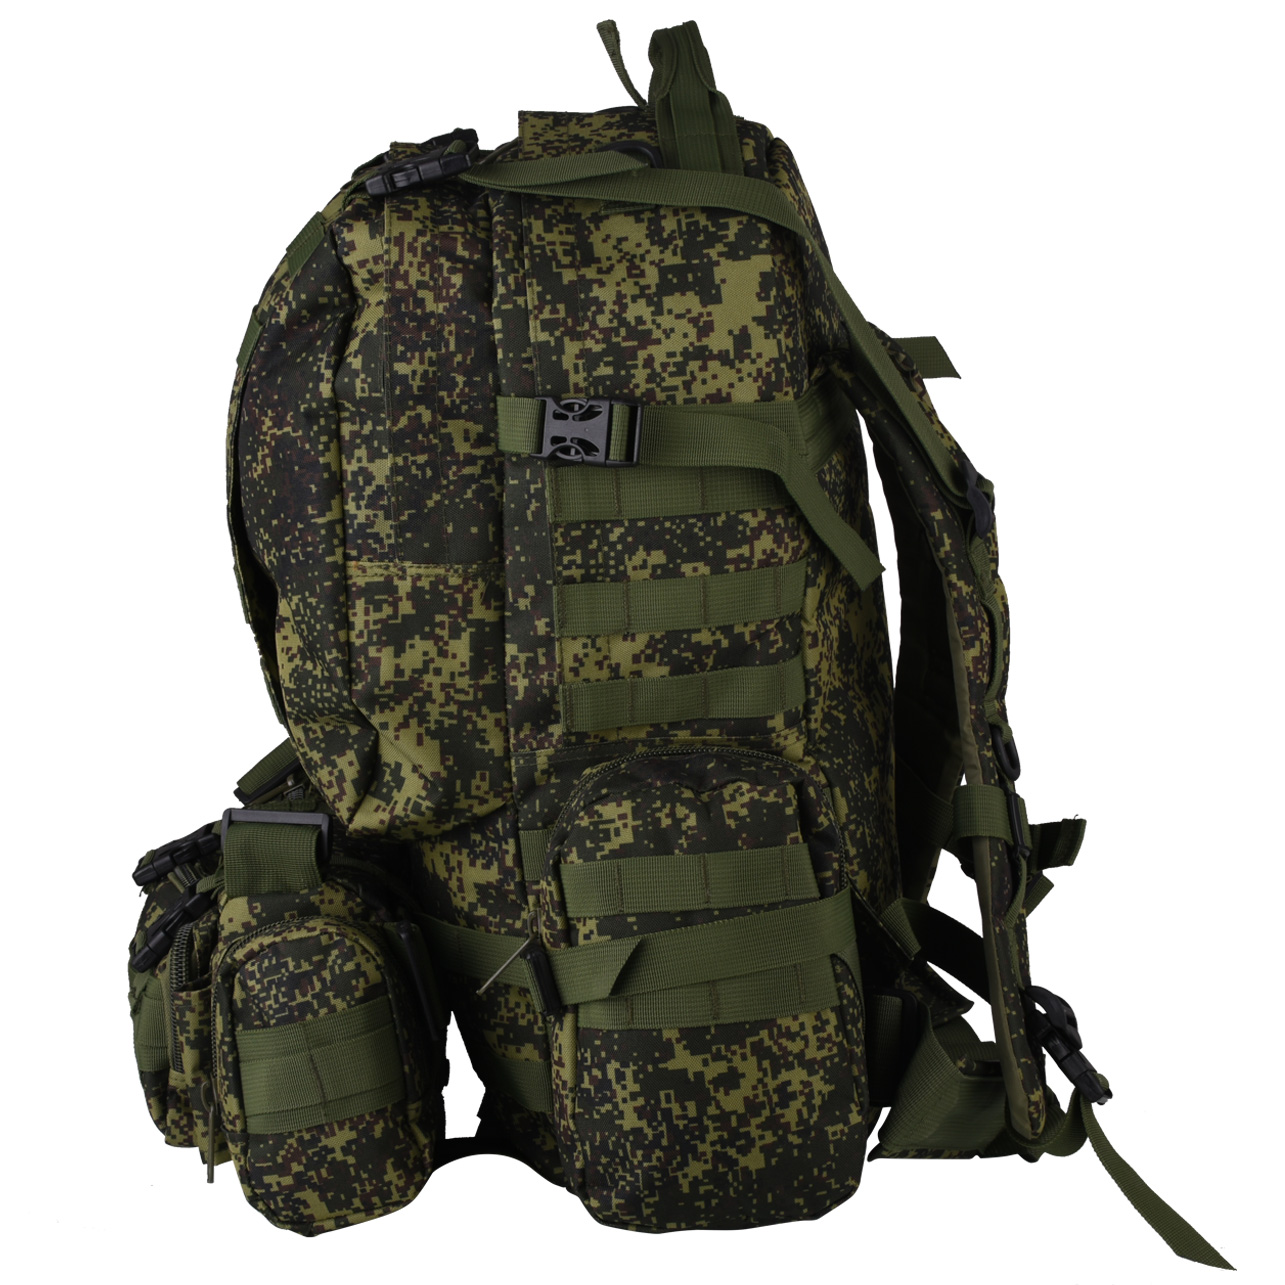 Армейский рейдовый рюкзак с нашивкой Афган - заказать в розницу